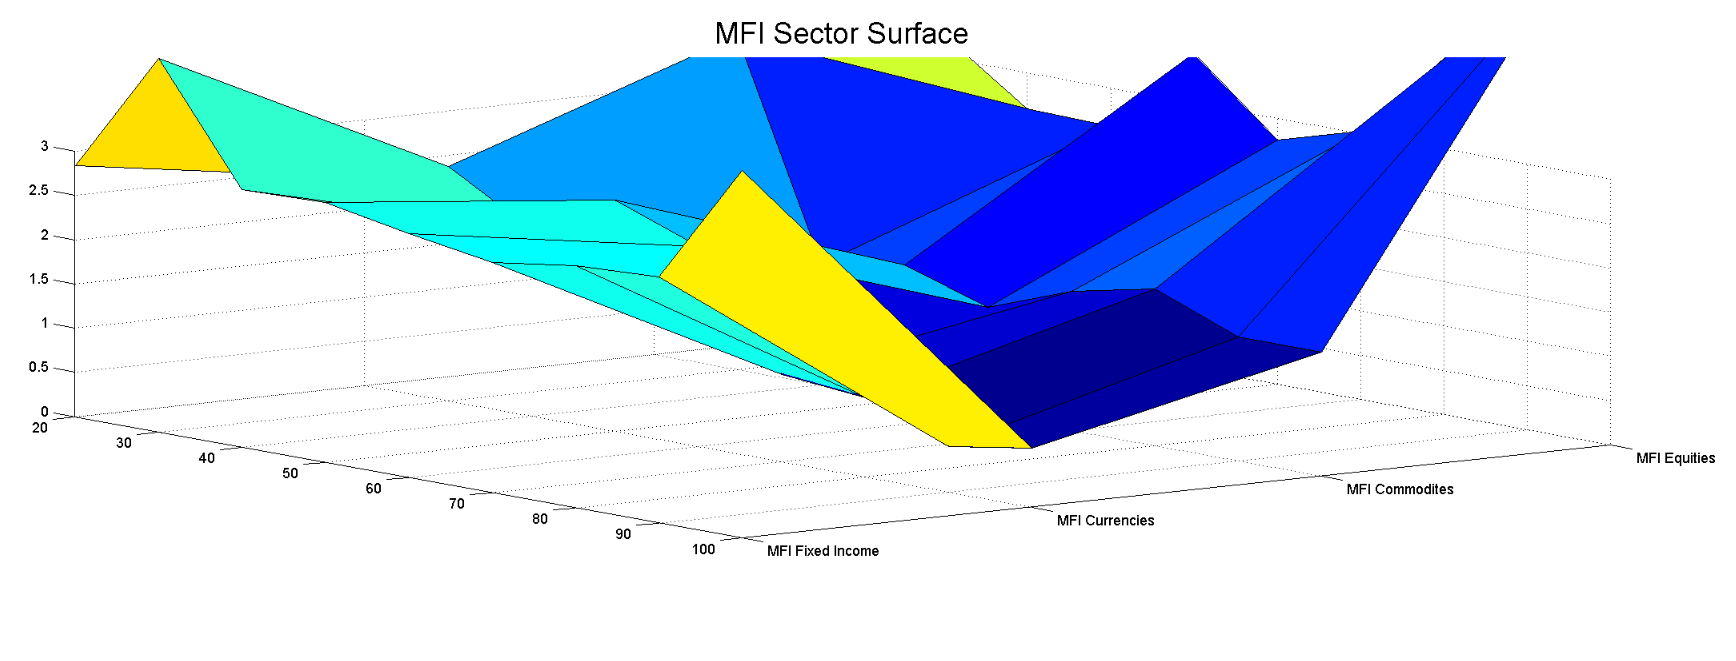 * vill ni ha mer information om MDI (Market Divergence Indicator) och våra andra indikatorer så kontakta oss gärna.